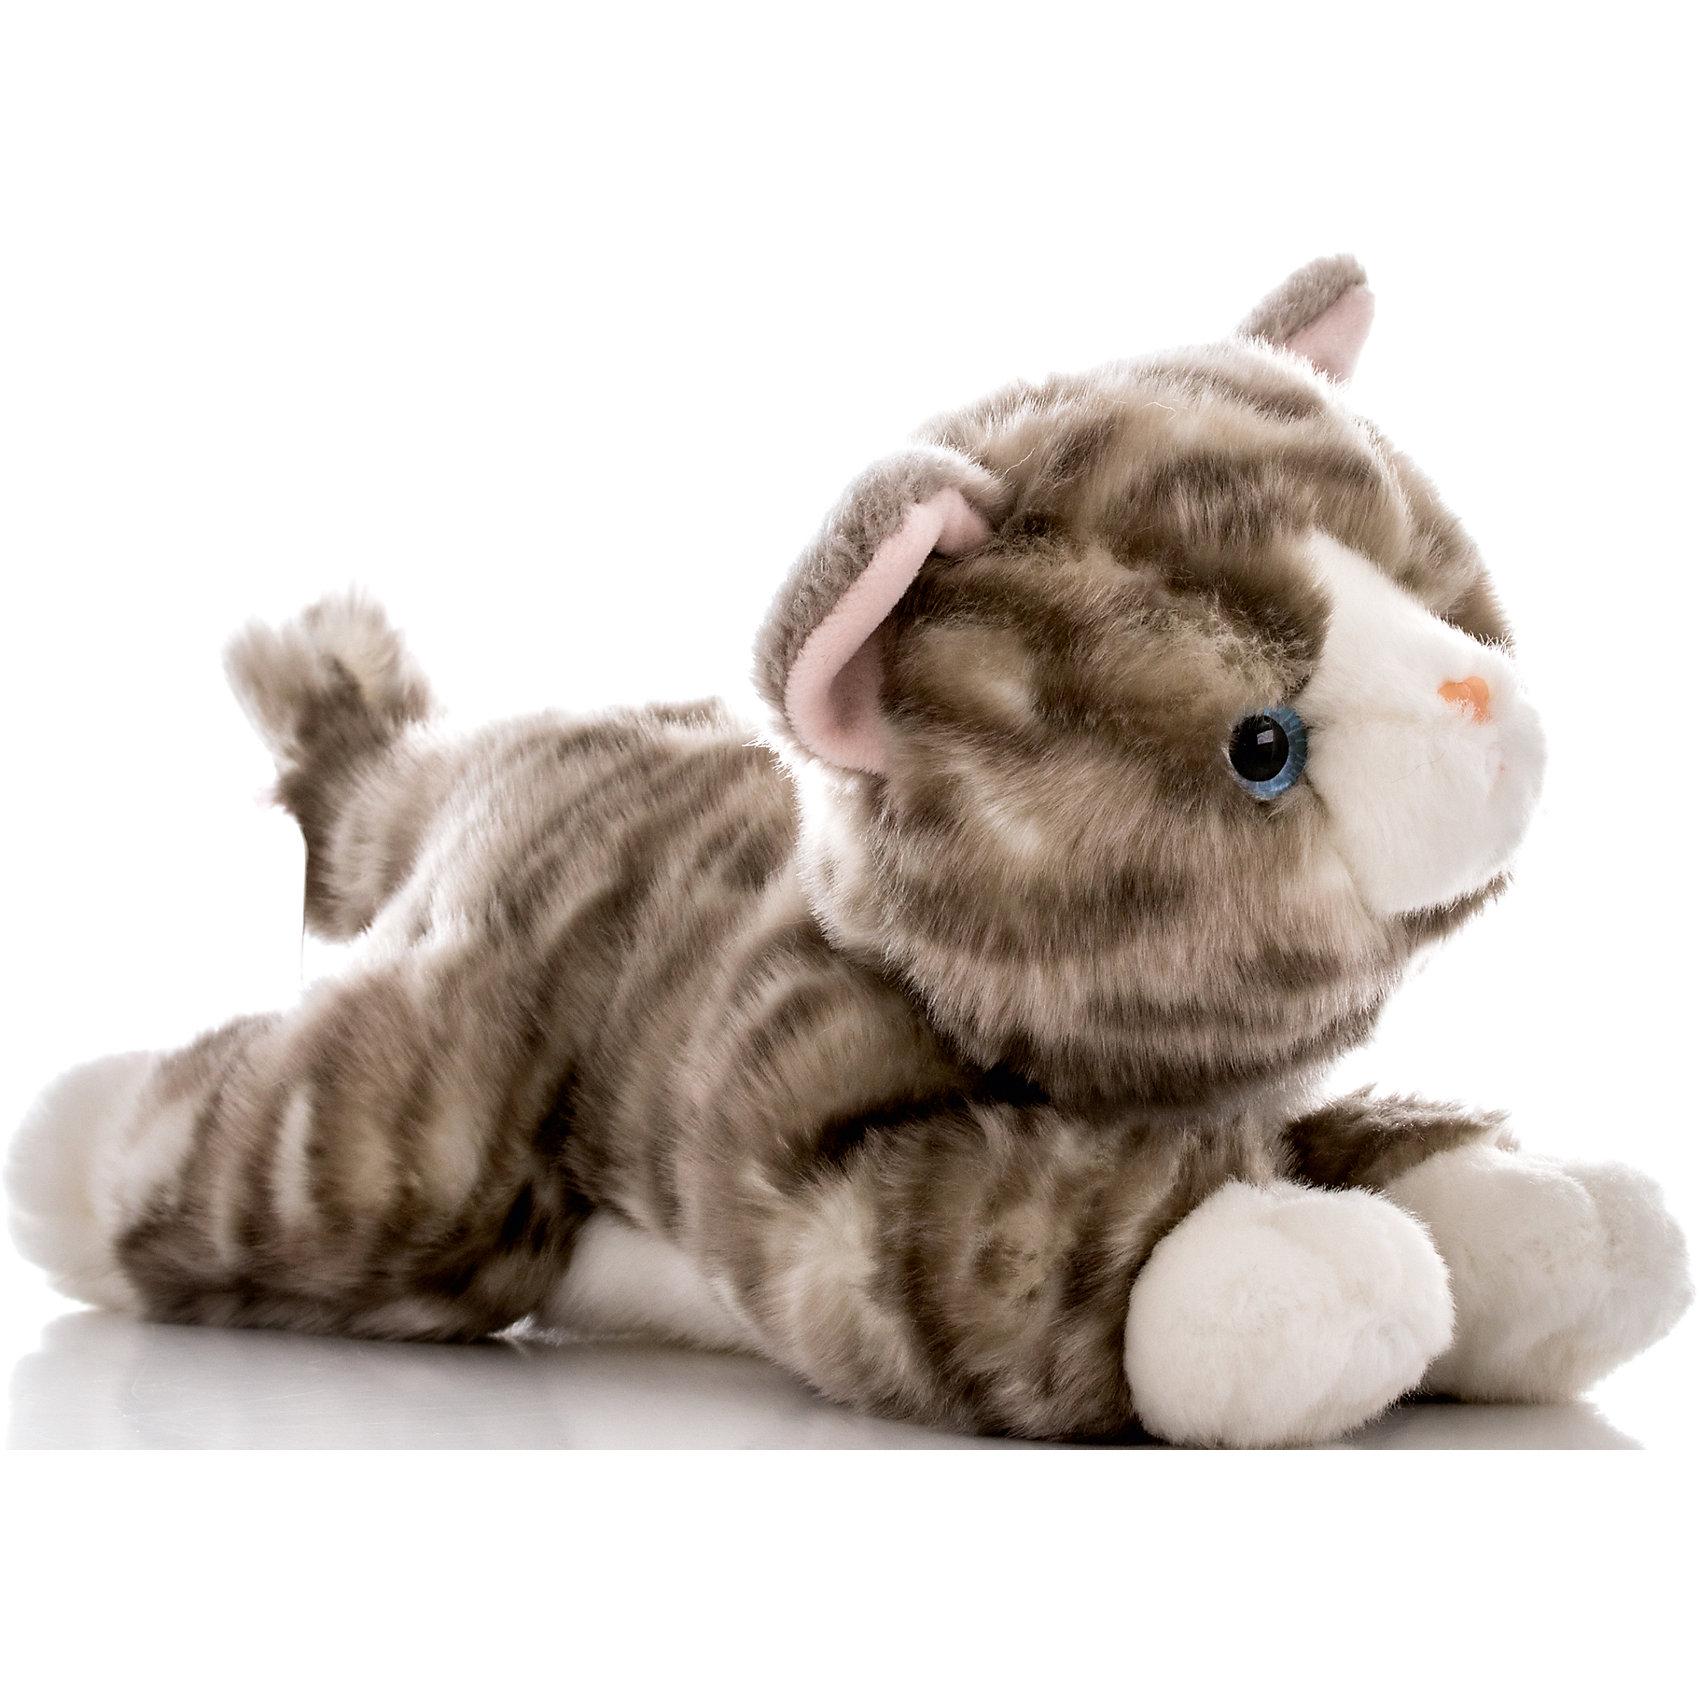 Мягкая игрушка Котенок серый, 28 см, AURORAКрасивый котик с серой шерсткой, обязательно понравится Вашему ребенку! Котик невероятно мягкий, у него серый хвостик и милый розовый носик, а еще, у котика очаровательные глазки.<br><br>Дополнительная информация:<br><br>- Возраст: от 3 лет.<br>- Материал: плюш, синтепон.<br>- Цвет: серый<br>- Высота игрушки: 28 см.<br><br>Купить мягкую игрушку Котик можно в нашем магазине.<br><br>Ширина мм: 250<br>Глубина мм: 110<br>Высота мм: 140<br>Вес г: 231<br>Возраст от месяцев: 36<br>Возраст до месяцев: 120<br>Пол: Унисекс<br>Возраст: Детский<br>SKU: 4929034